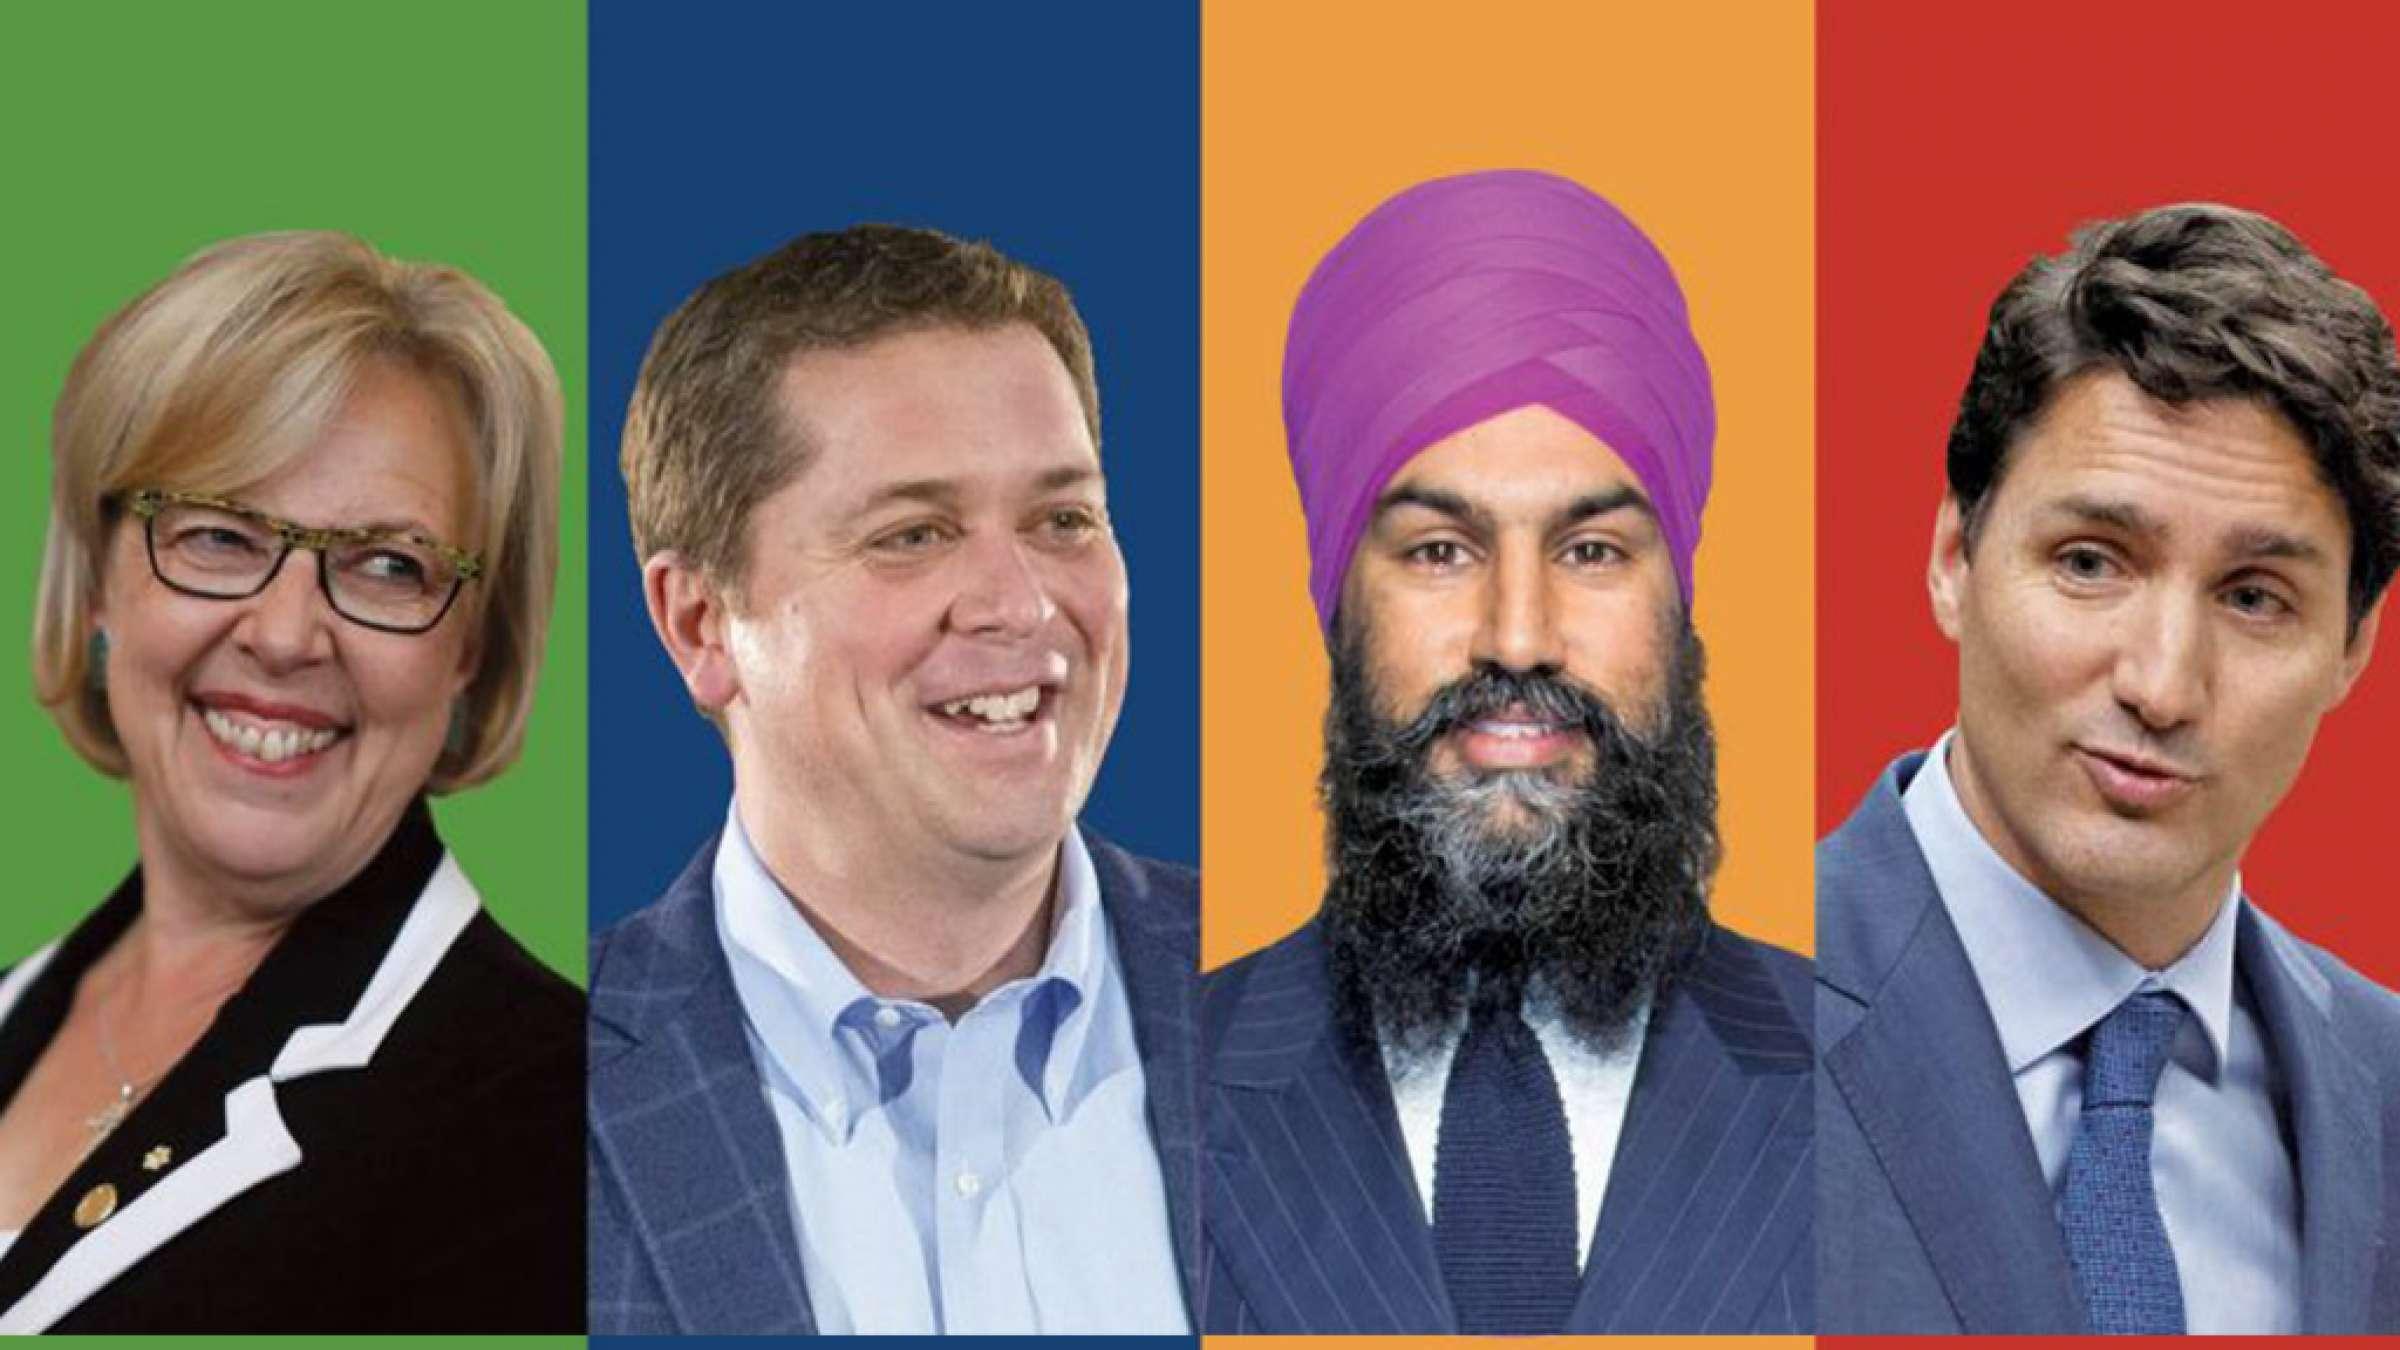 اخبار-کانادا-آخرین-مواضع-احزاب-در-انتخابات-کشوری